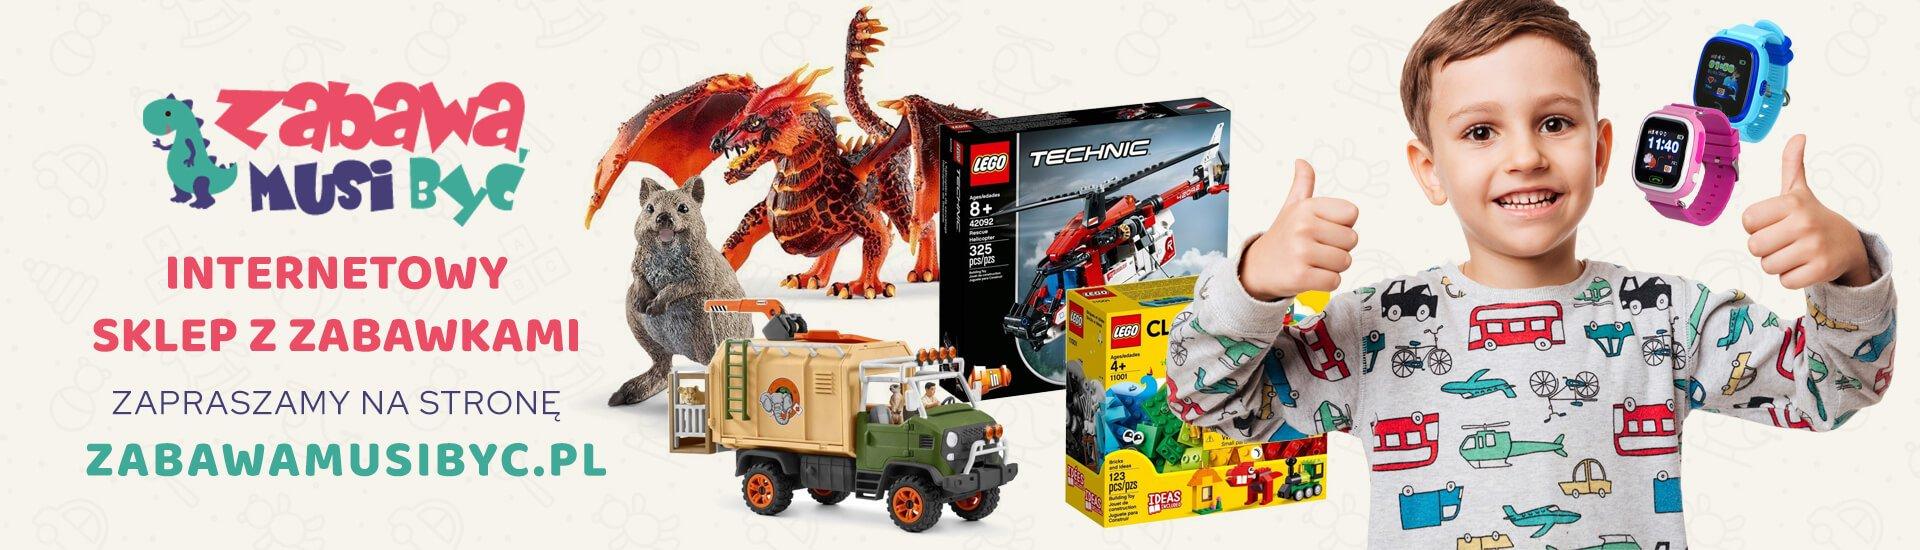 Inyternetowy sklep z zabawkami